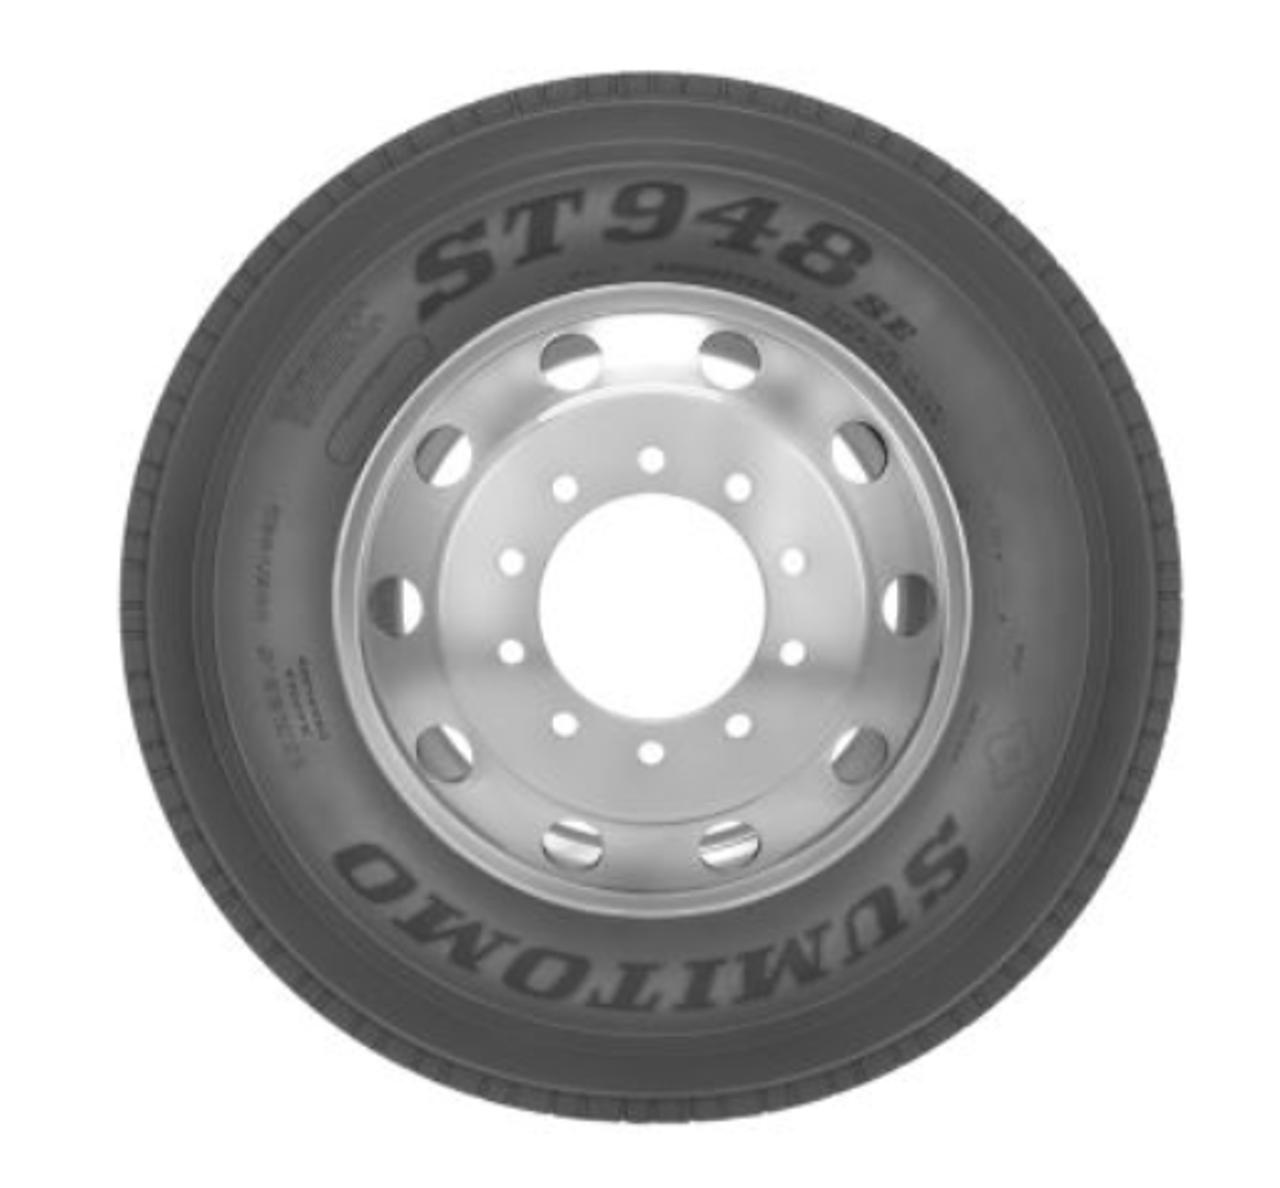 295 75 22.5 Sumitomo CSD 948SE 14ply New Semi Tire 295/75R22.5